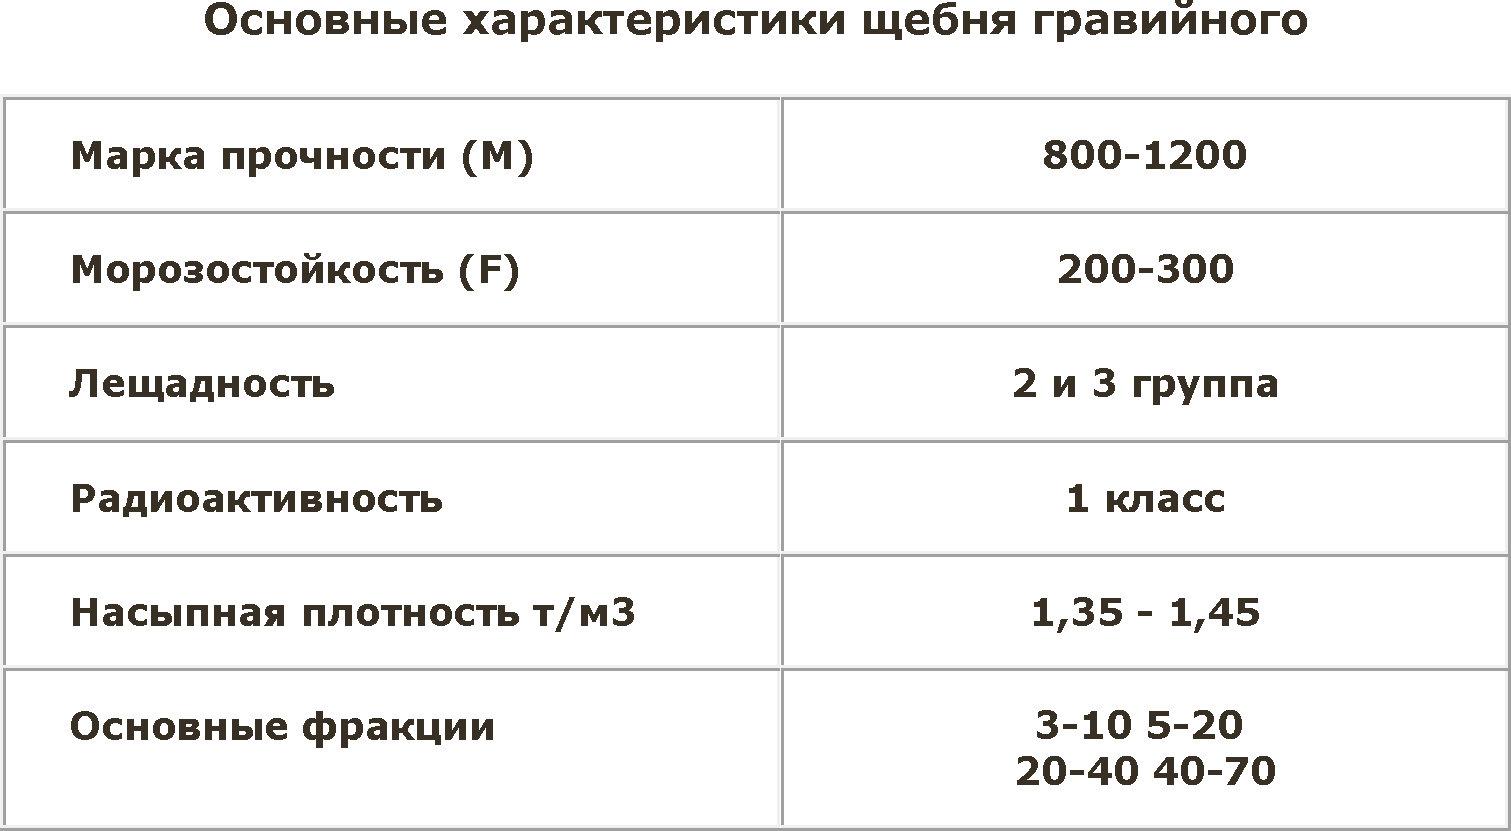 удельный вес щебенки